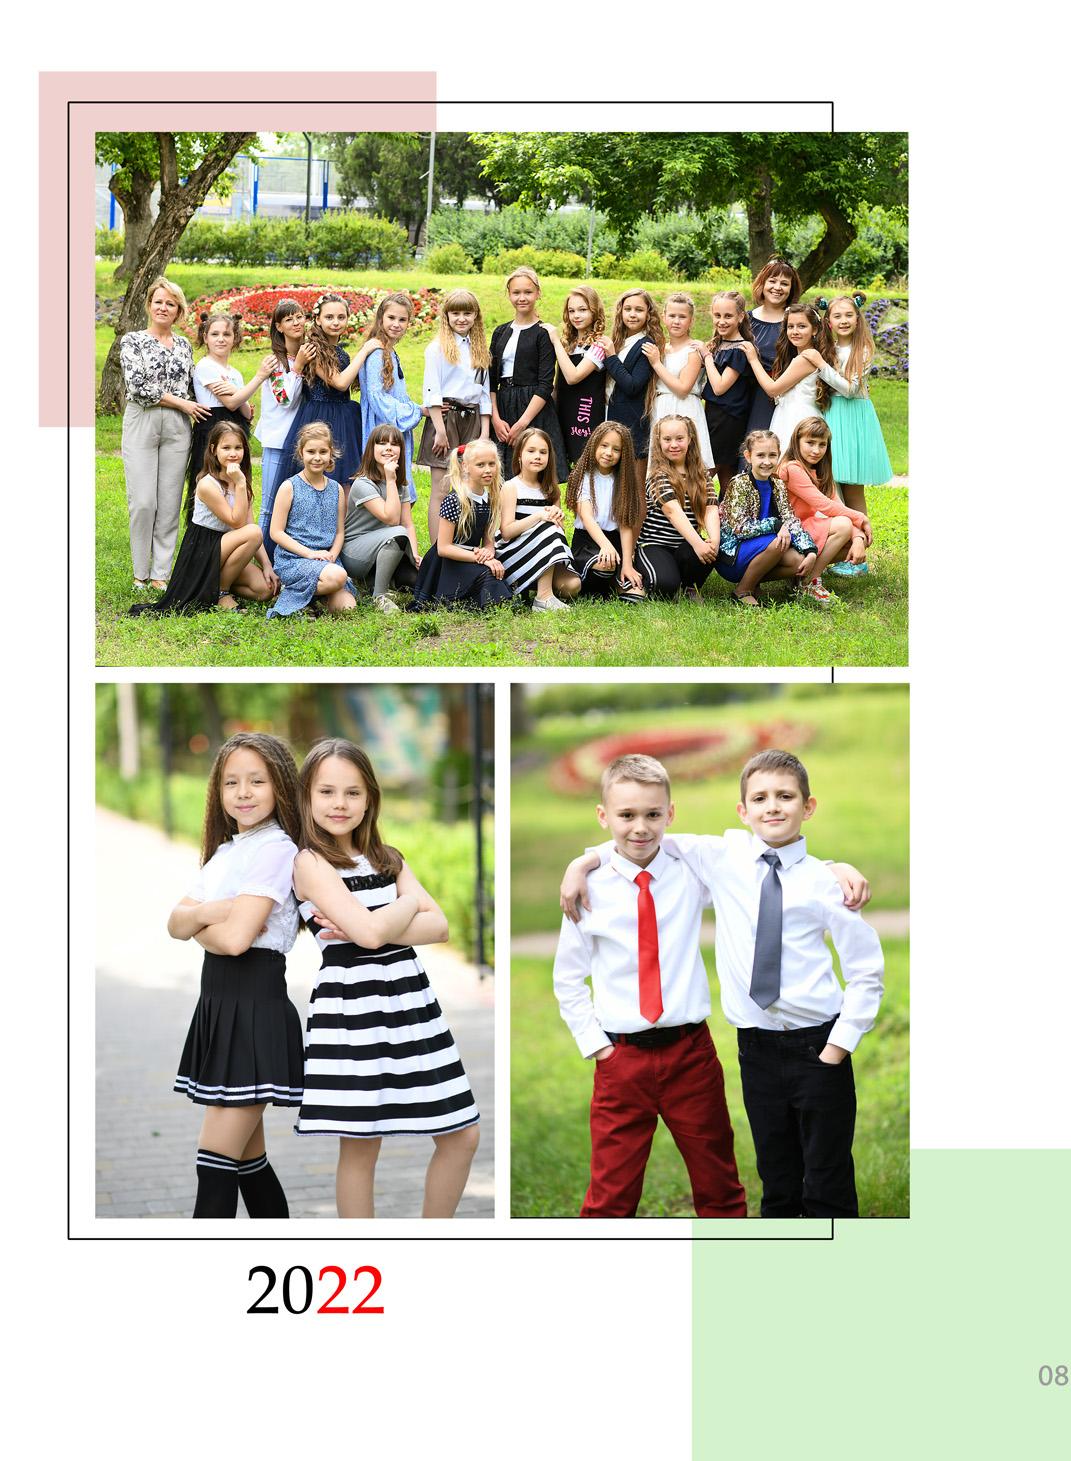 https://school-photo.com.ua/wp-content/uploads/2021/09/08-копия.jpg